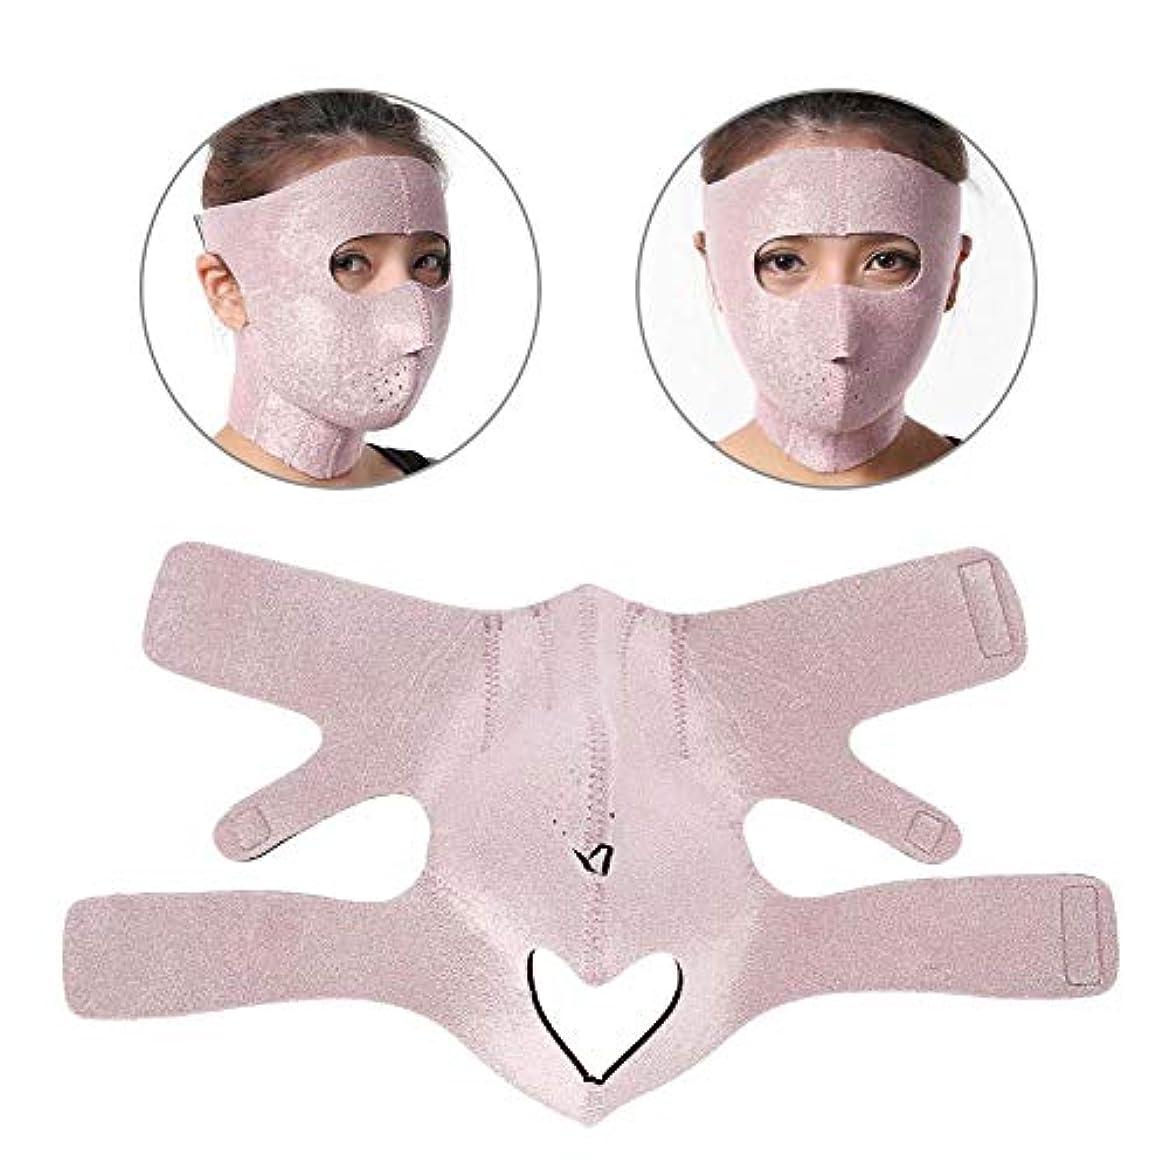 ストローク有能な一時停止顔の輪郭を改善する 美容包帯 フェイスリフト用フェイスマスク 通気性/伸縮性/変形不可